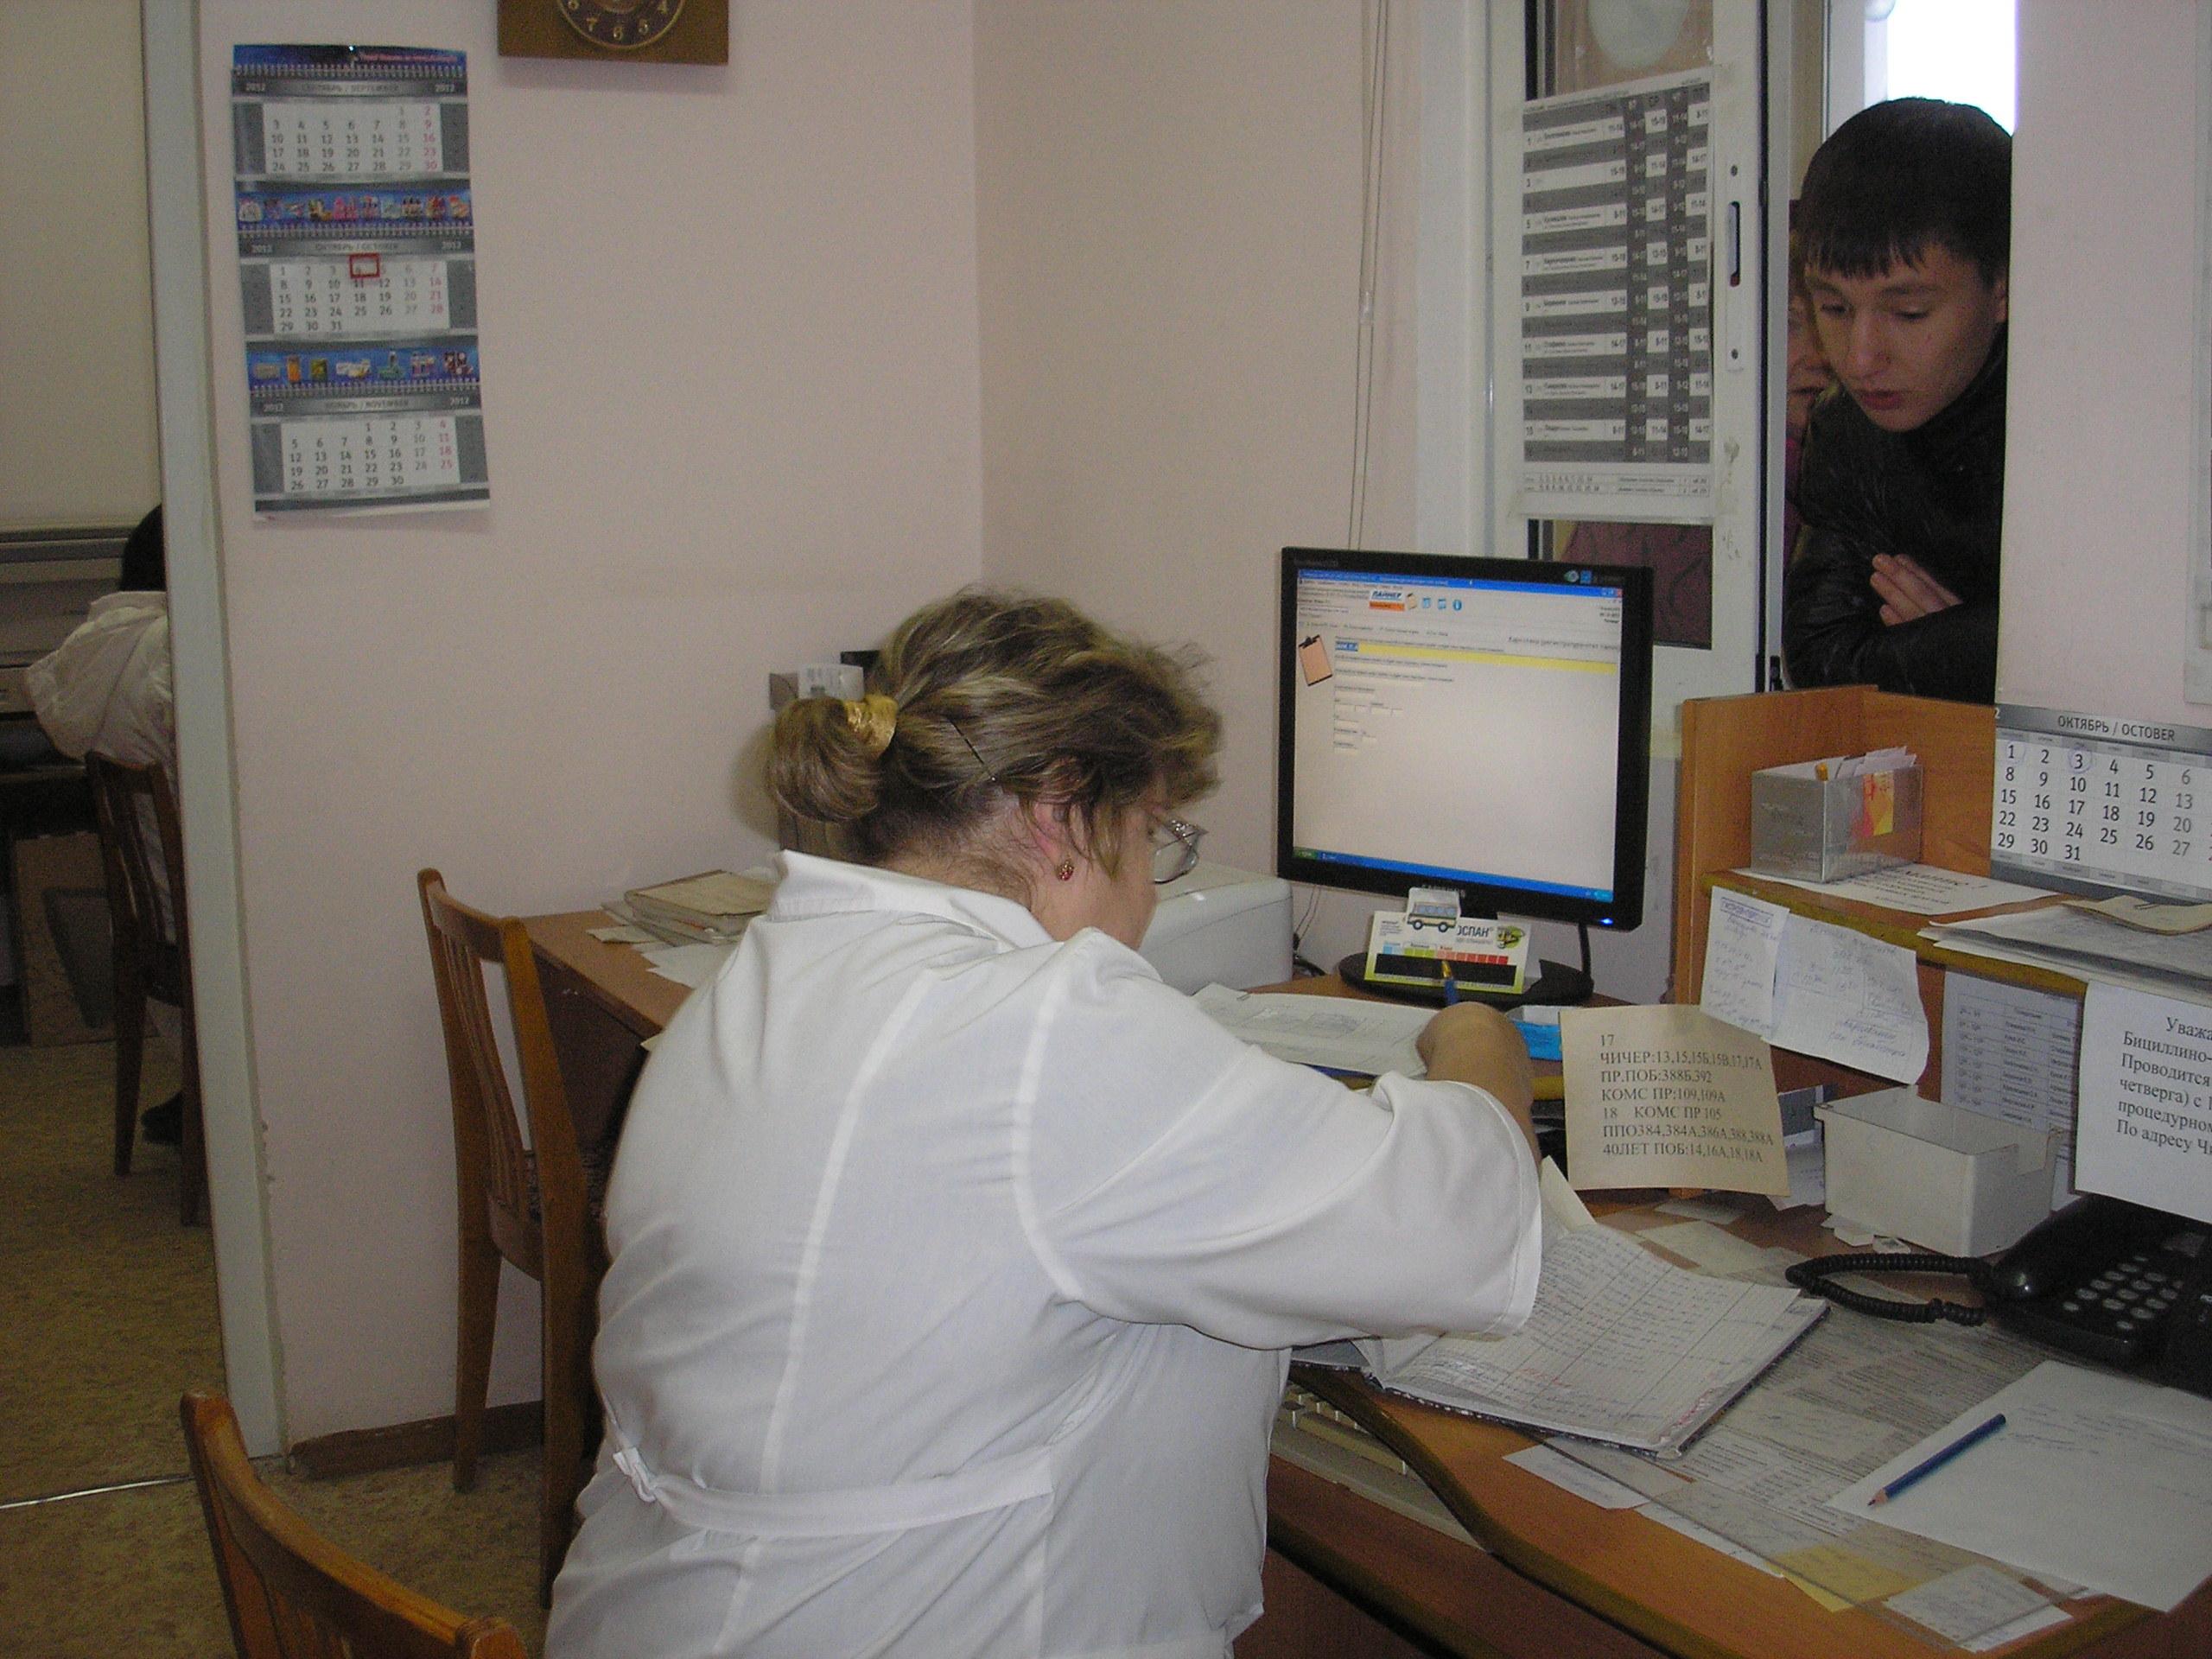 Согласно положениям Федерального закона «Об обязательном медицинском страховании в РФ», гражданин